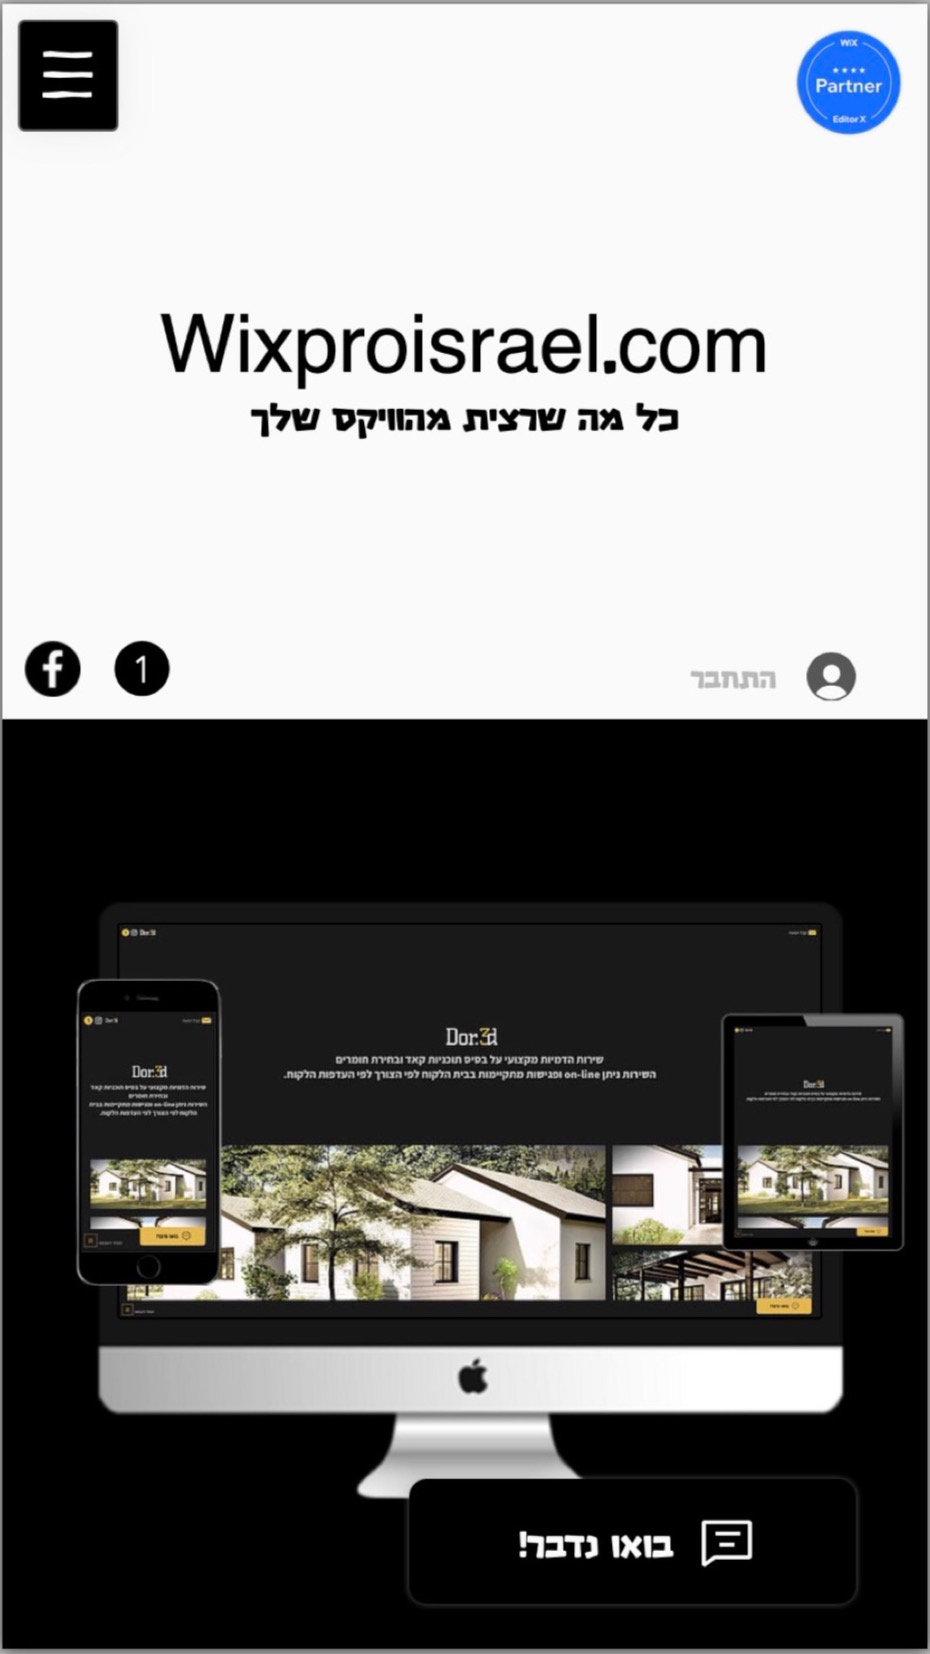 Wixproisrael.com